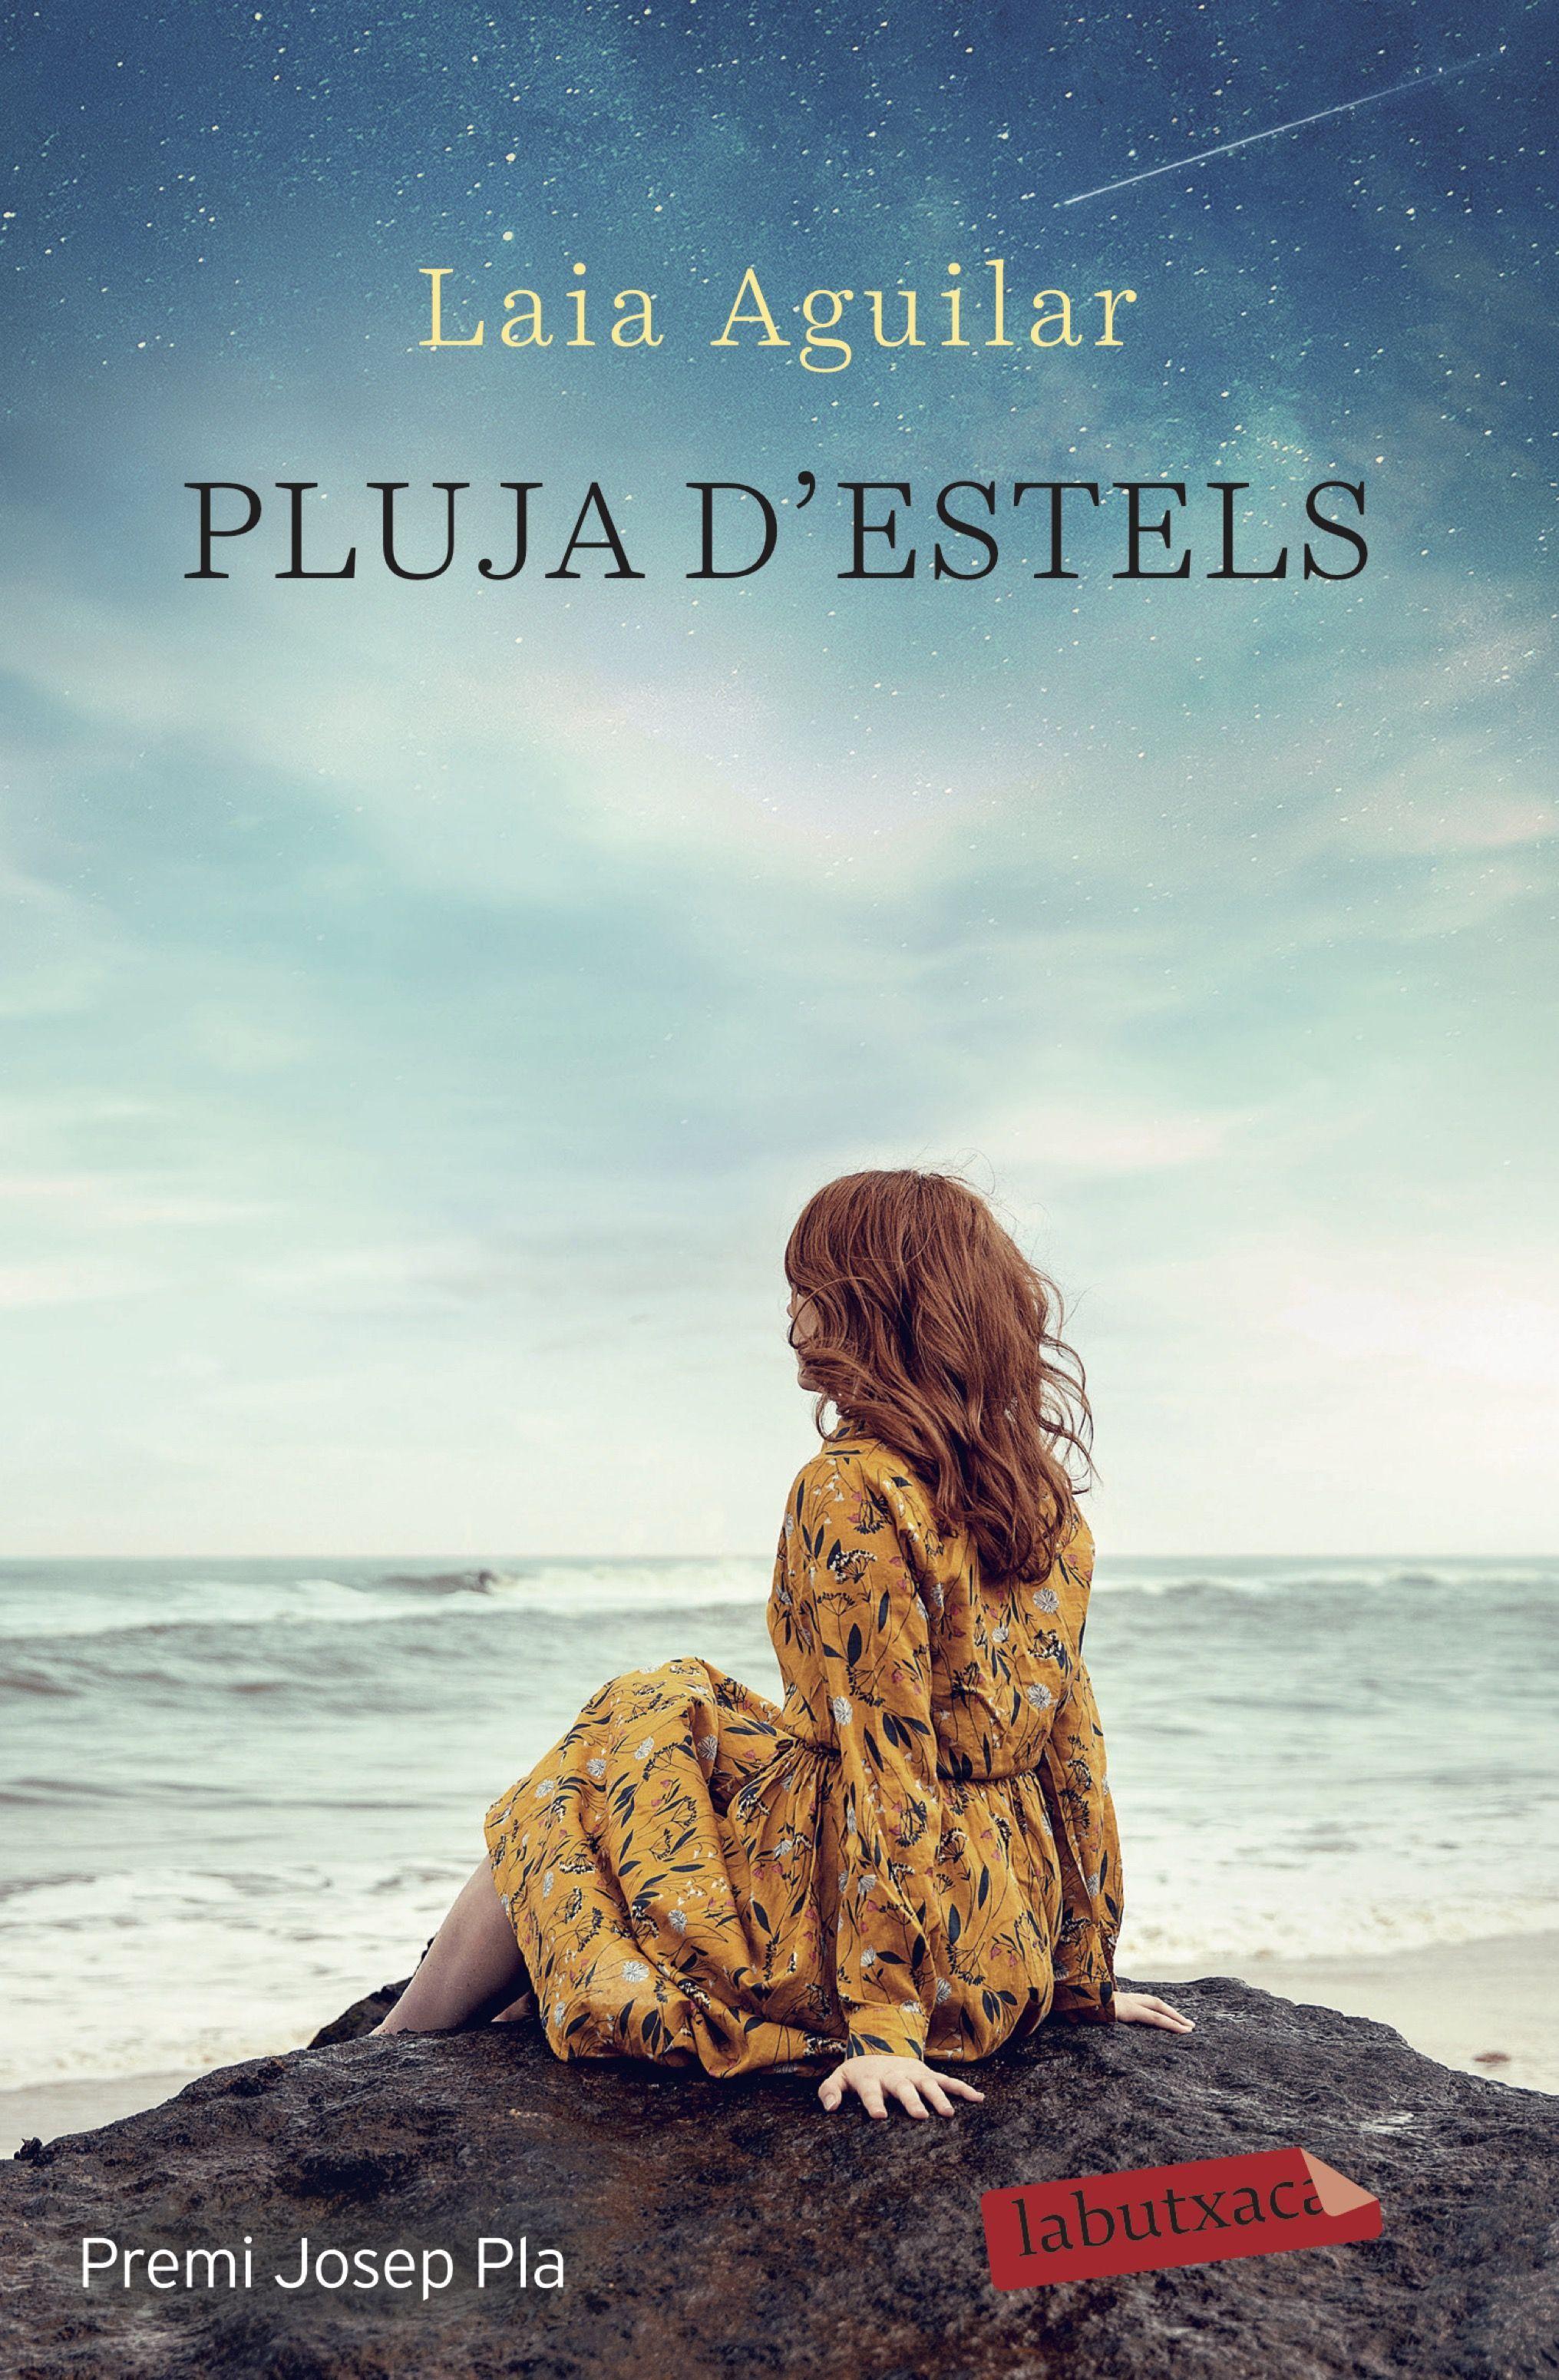 PLUJA D ESTELS